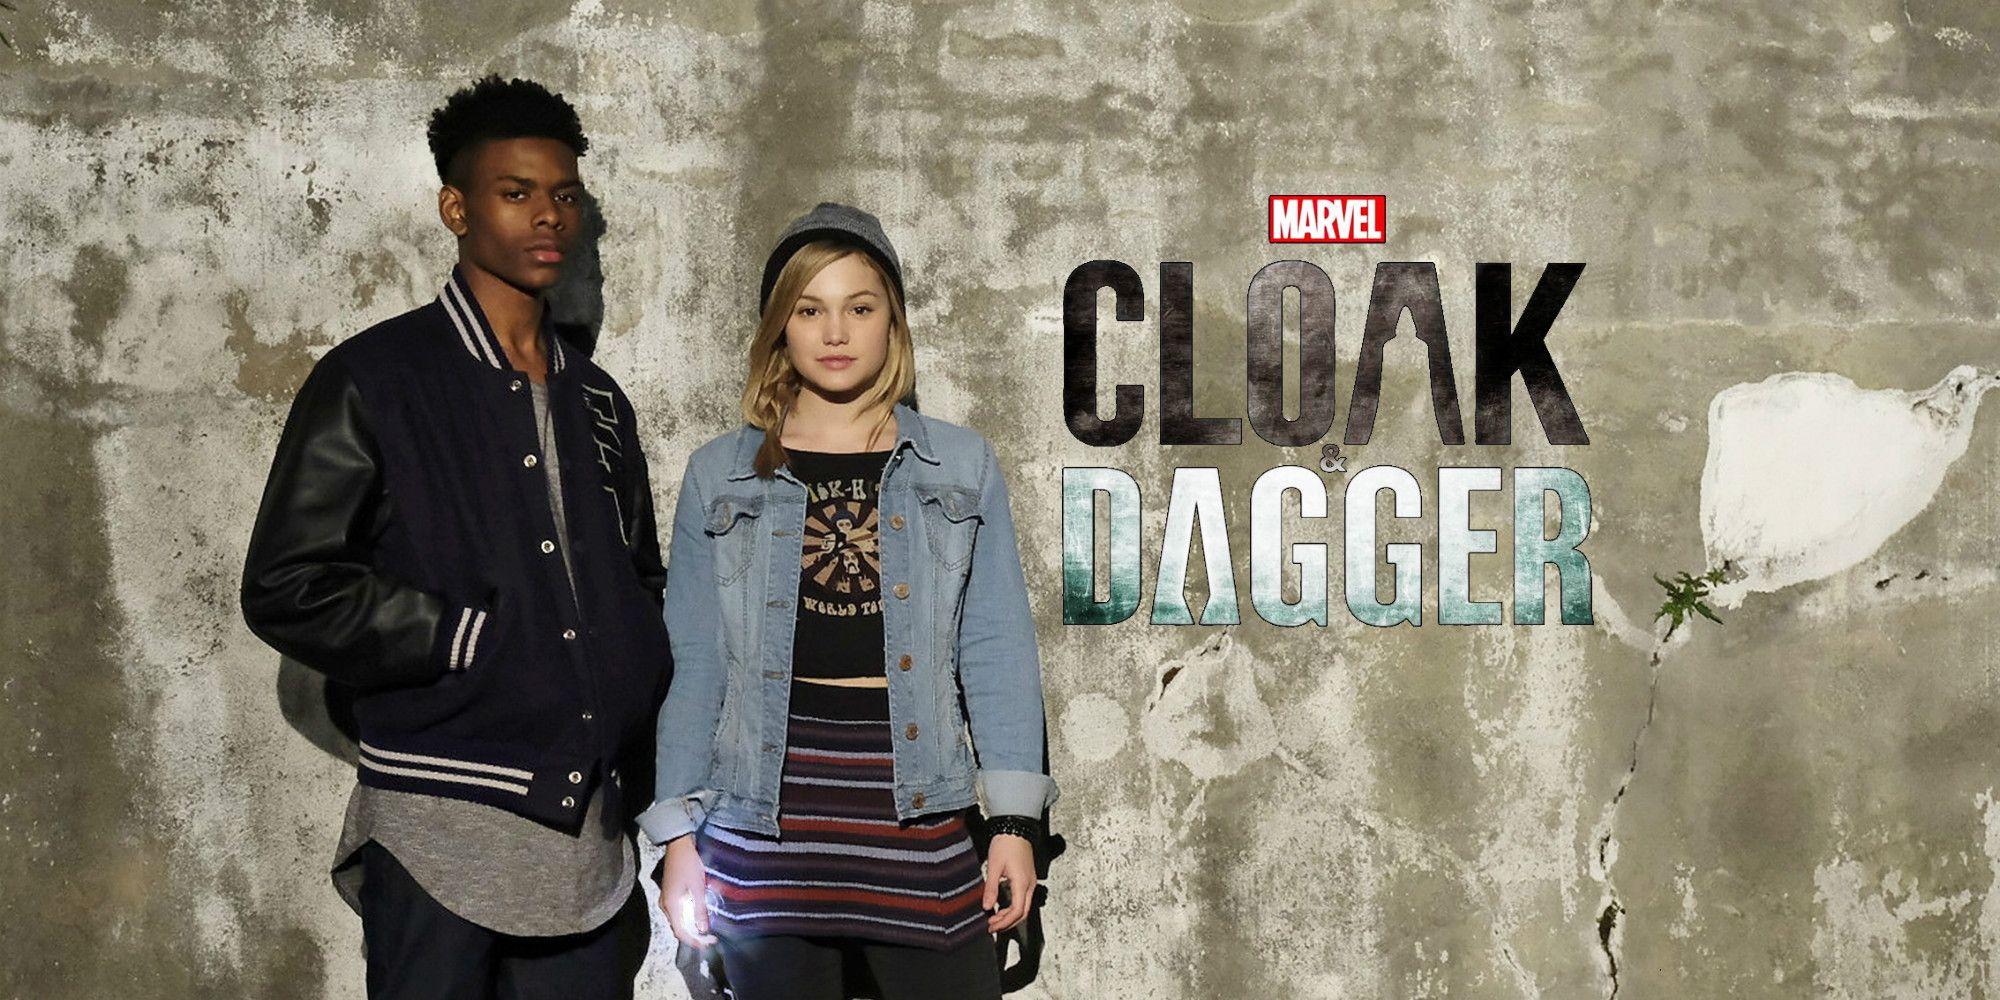 cloak and dagger serie